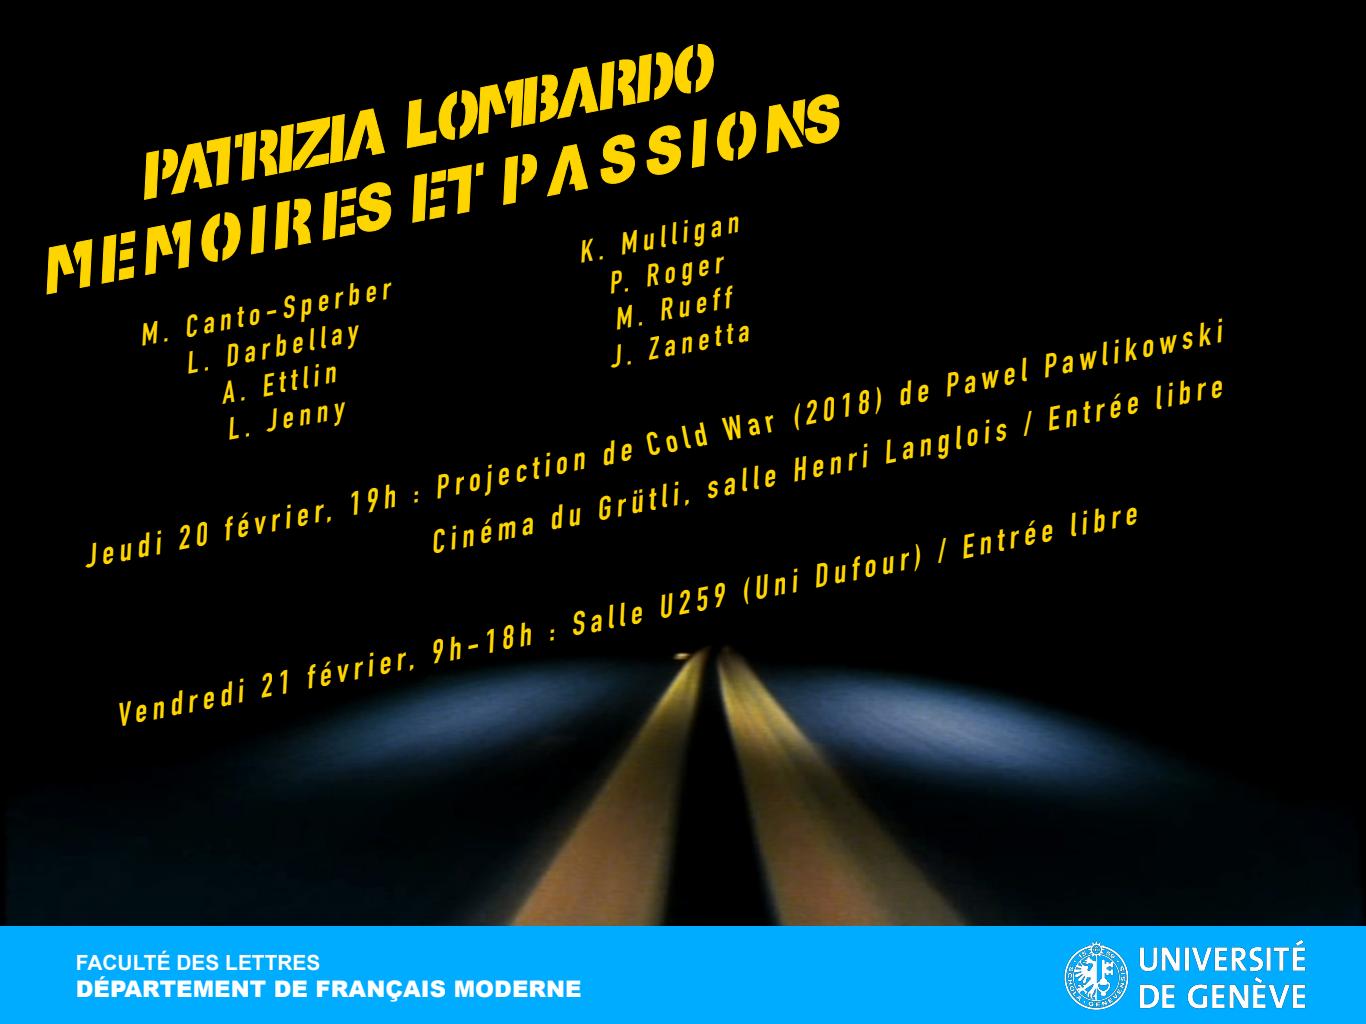 Patrizia Lombardo. Mémoire et passions (Genève)